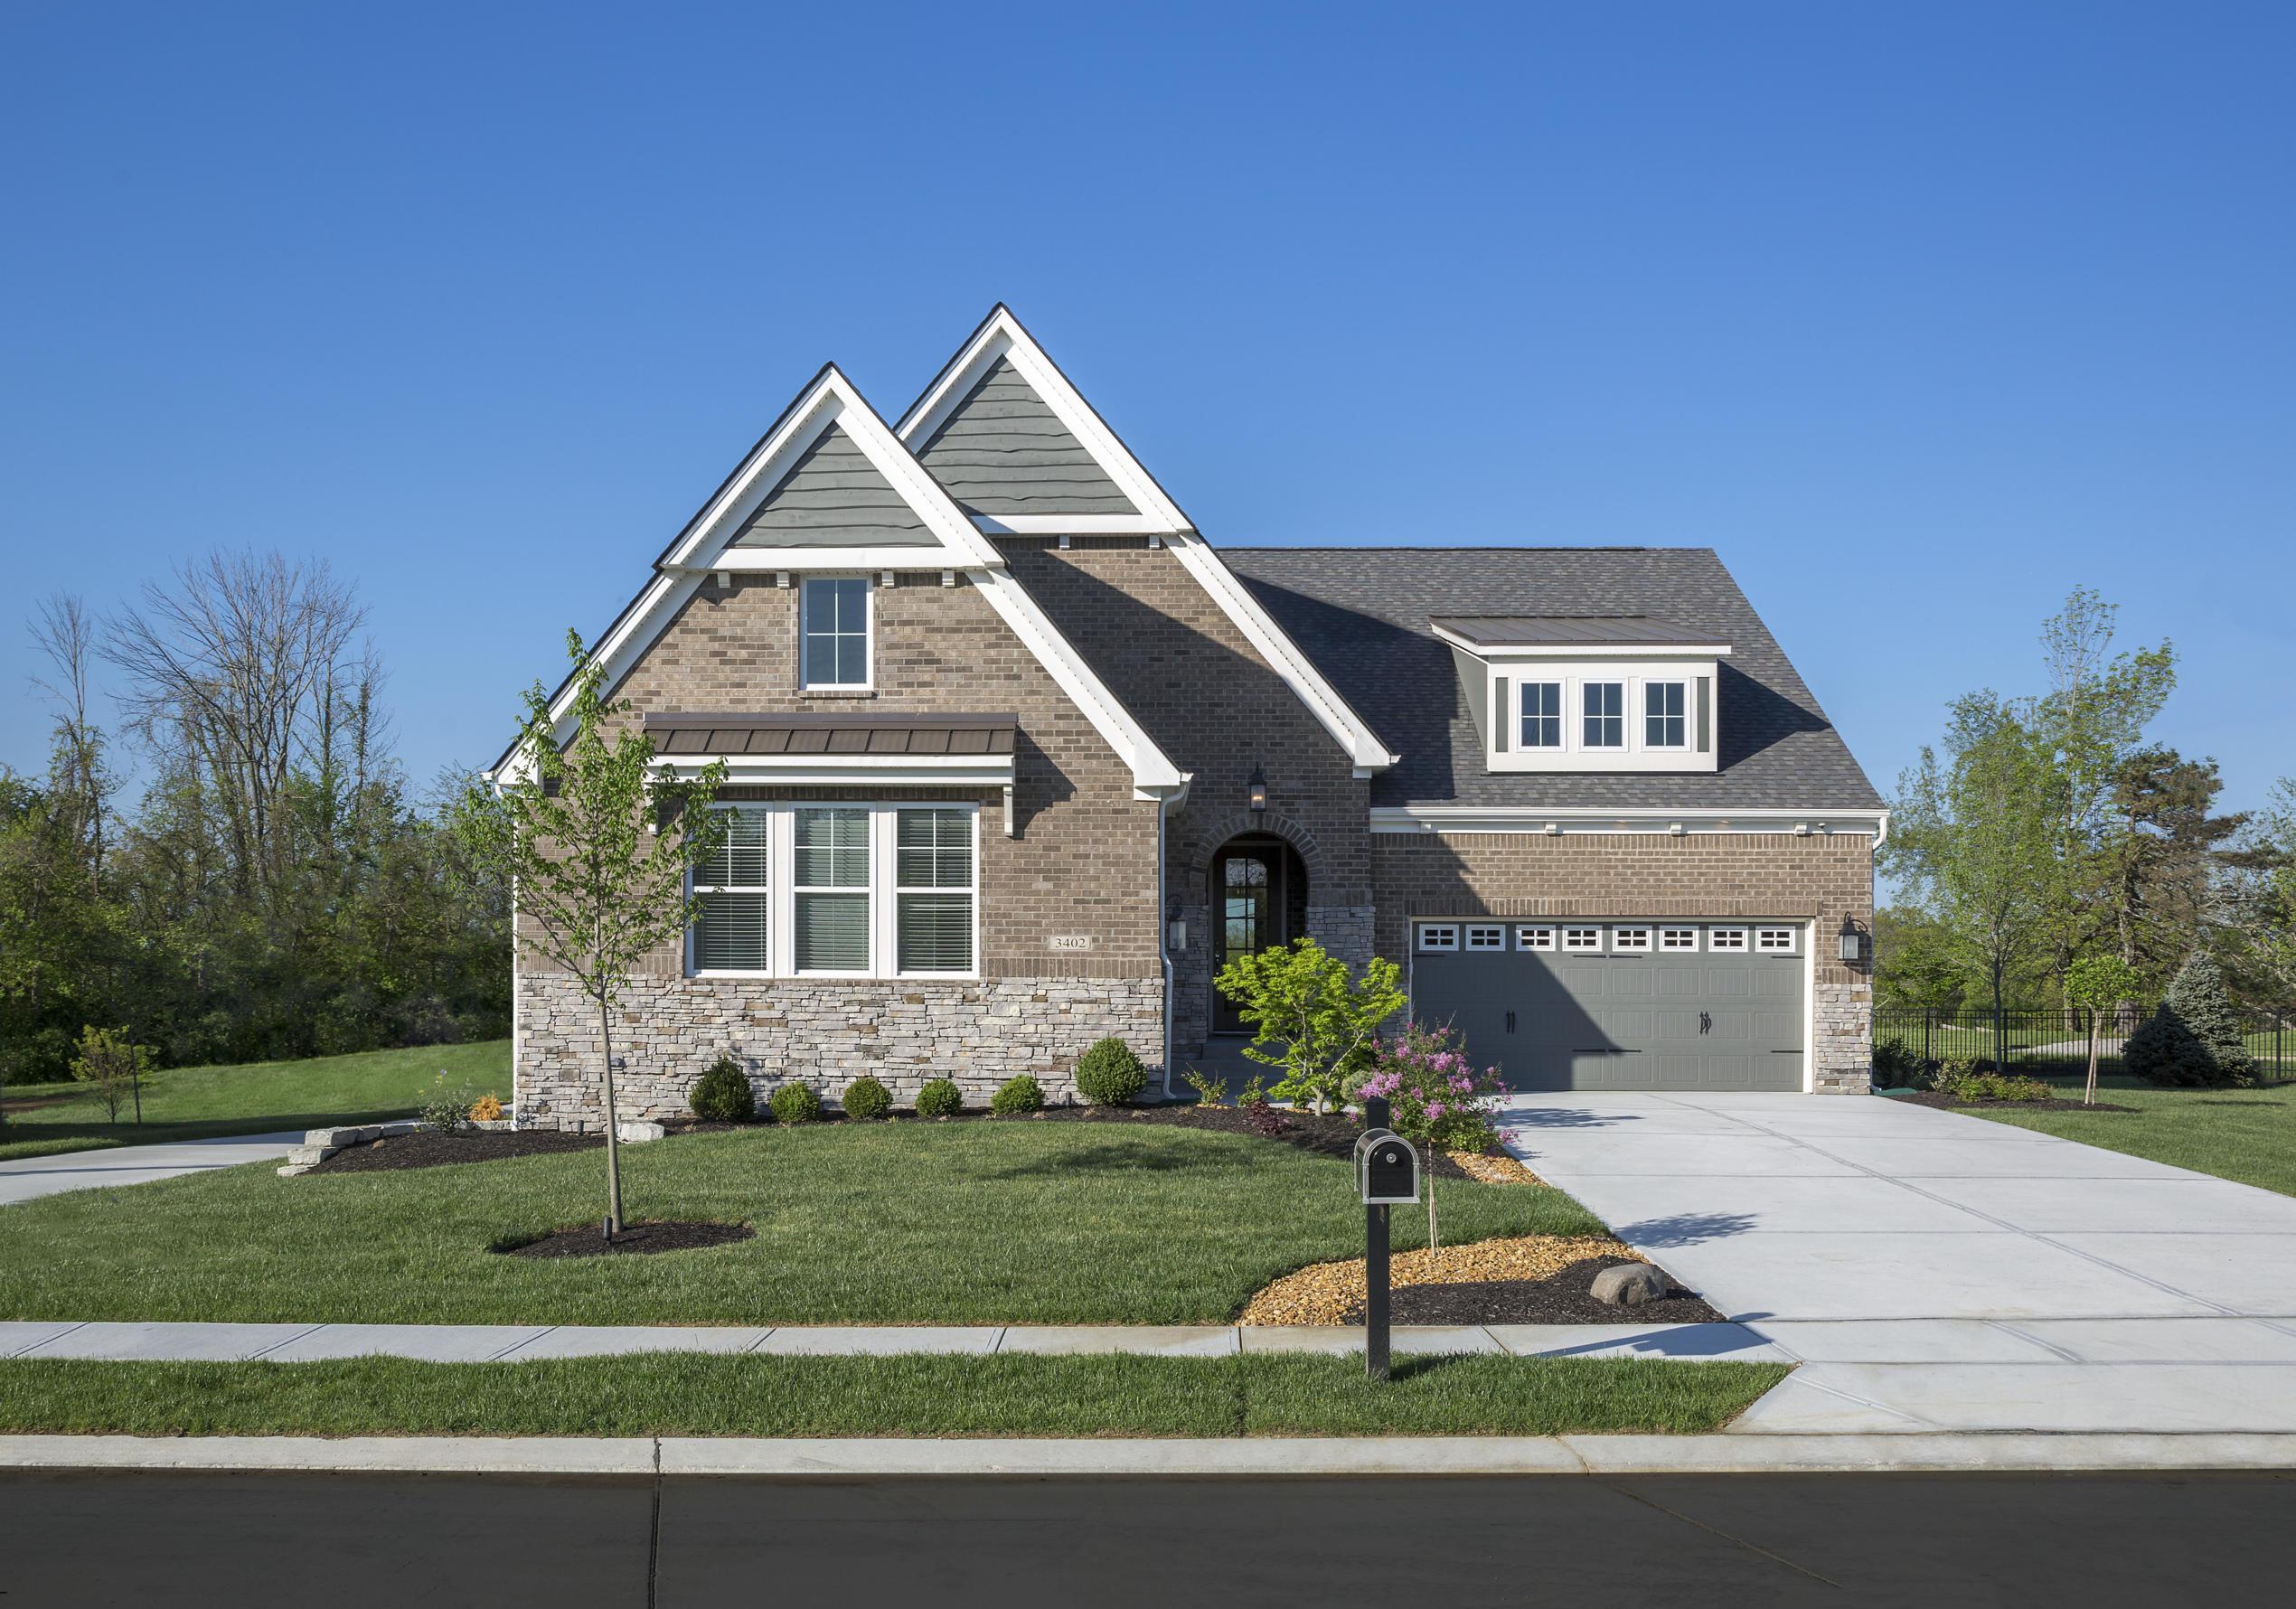 单亲家庭 为 销售 在 1928 3402 Southway Ridge Erlanger, Kentucky 41018 United States